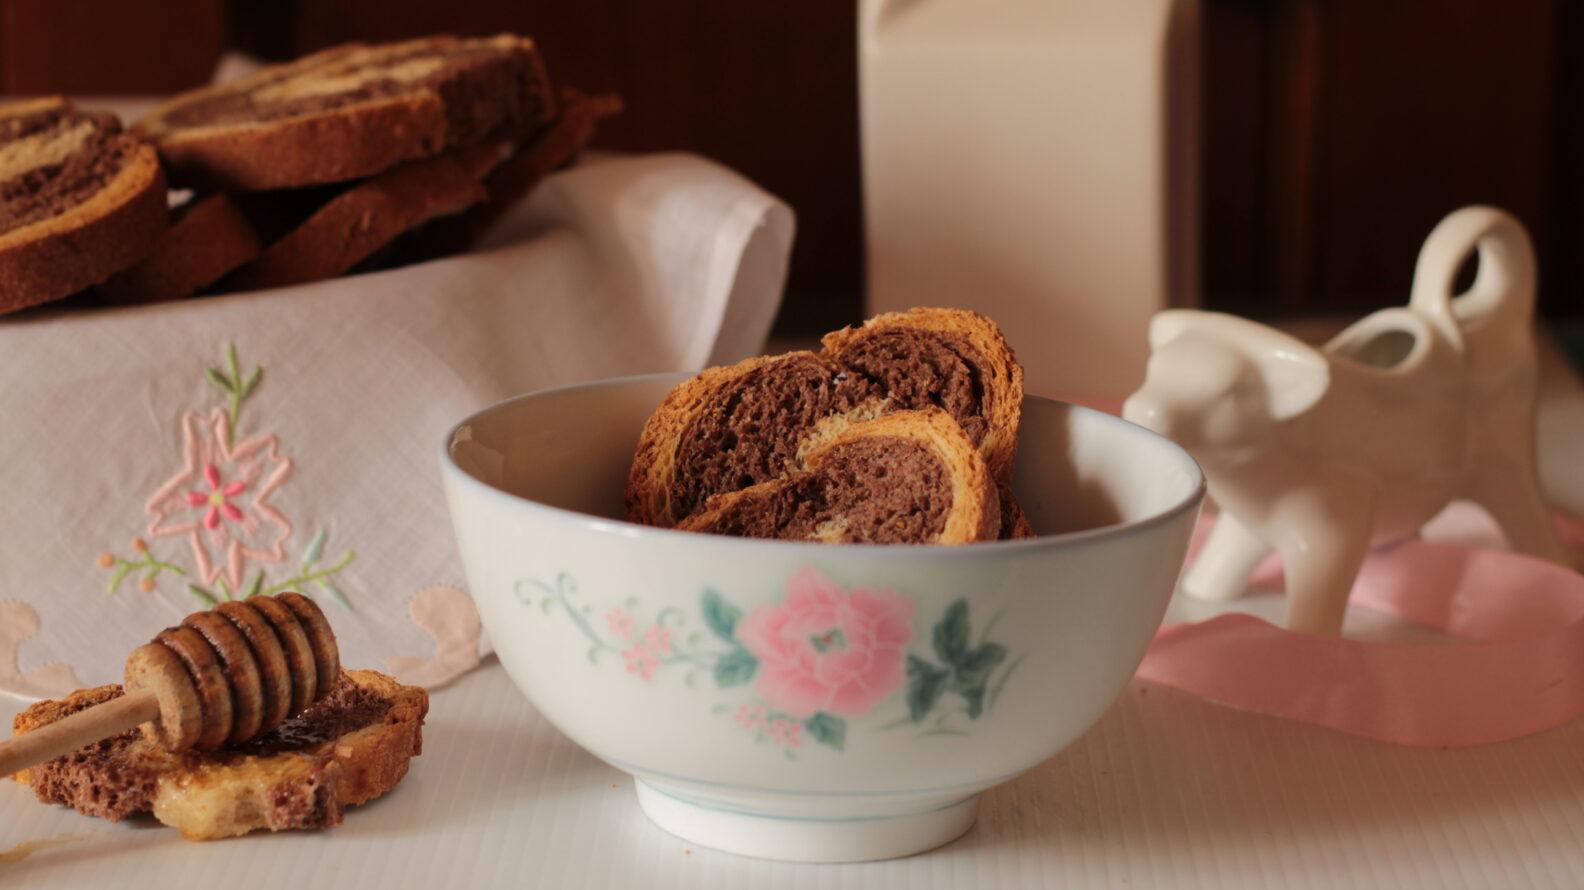 Le fette biscottate